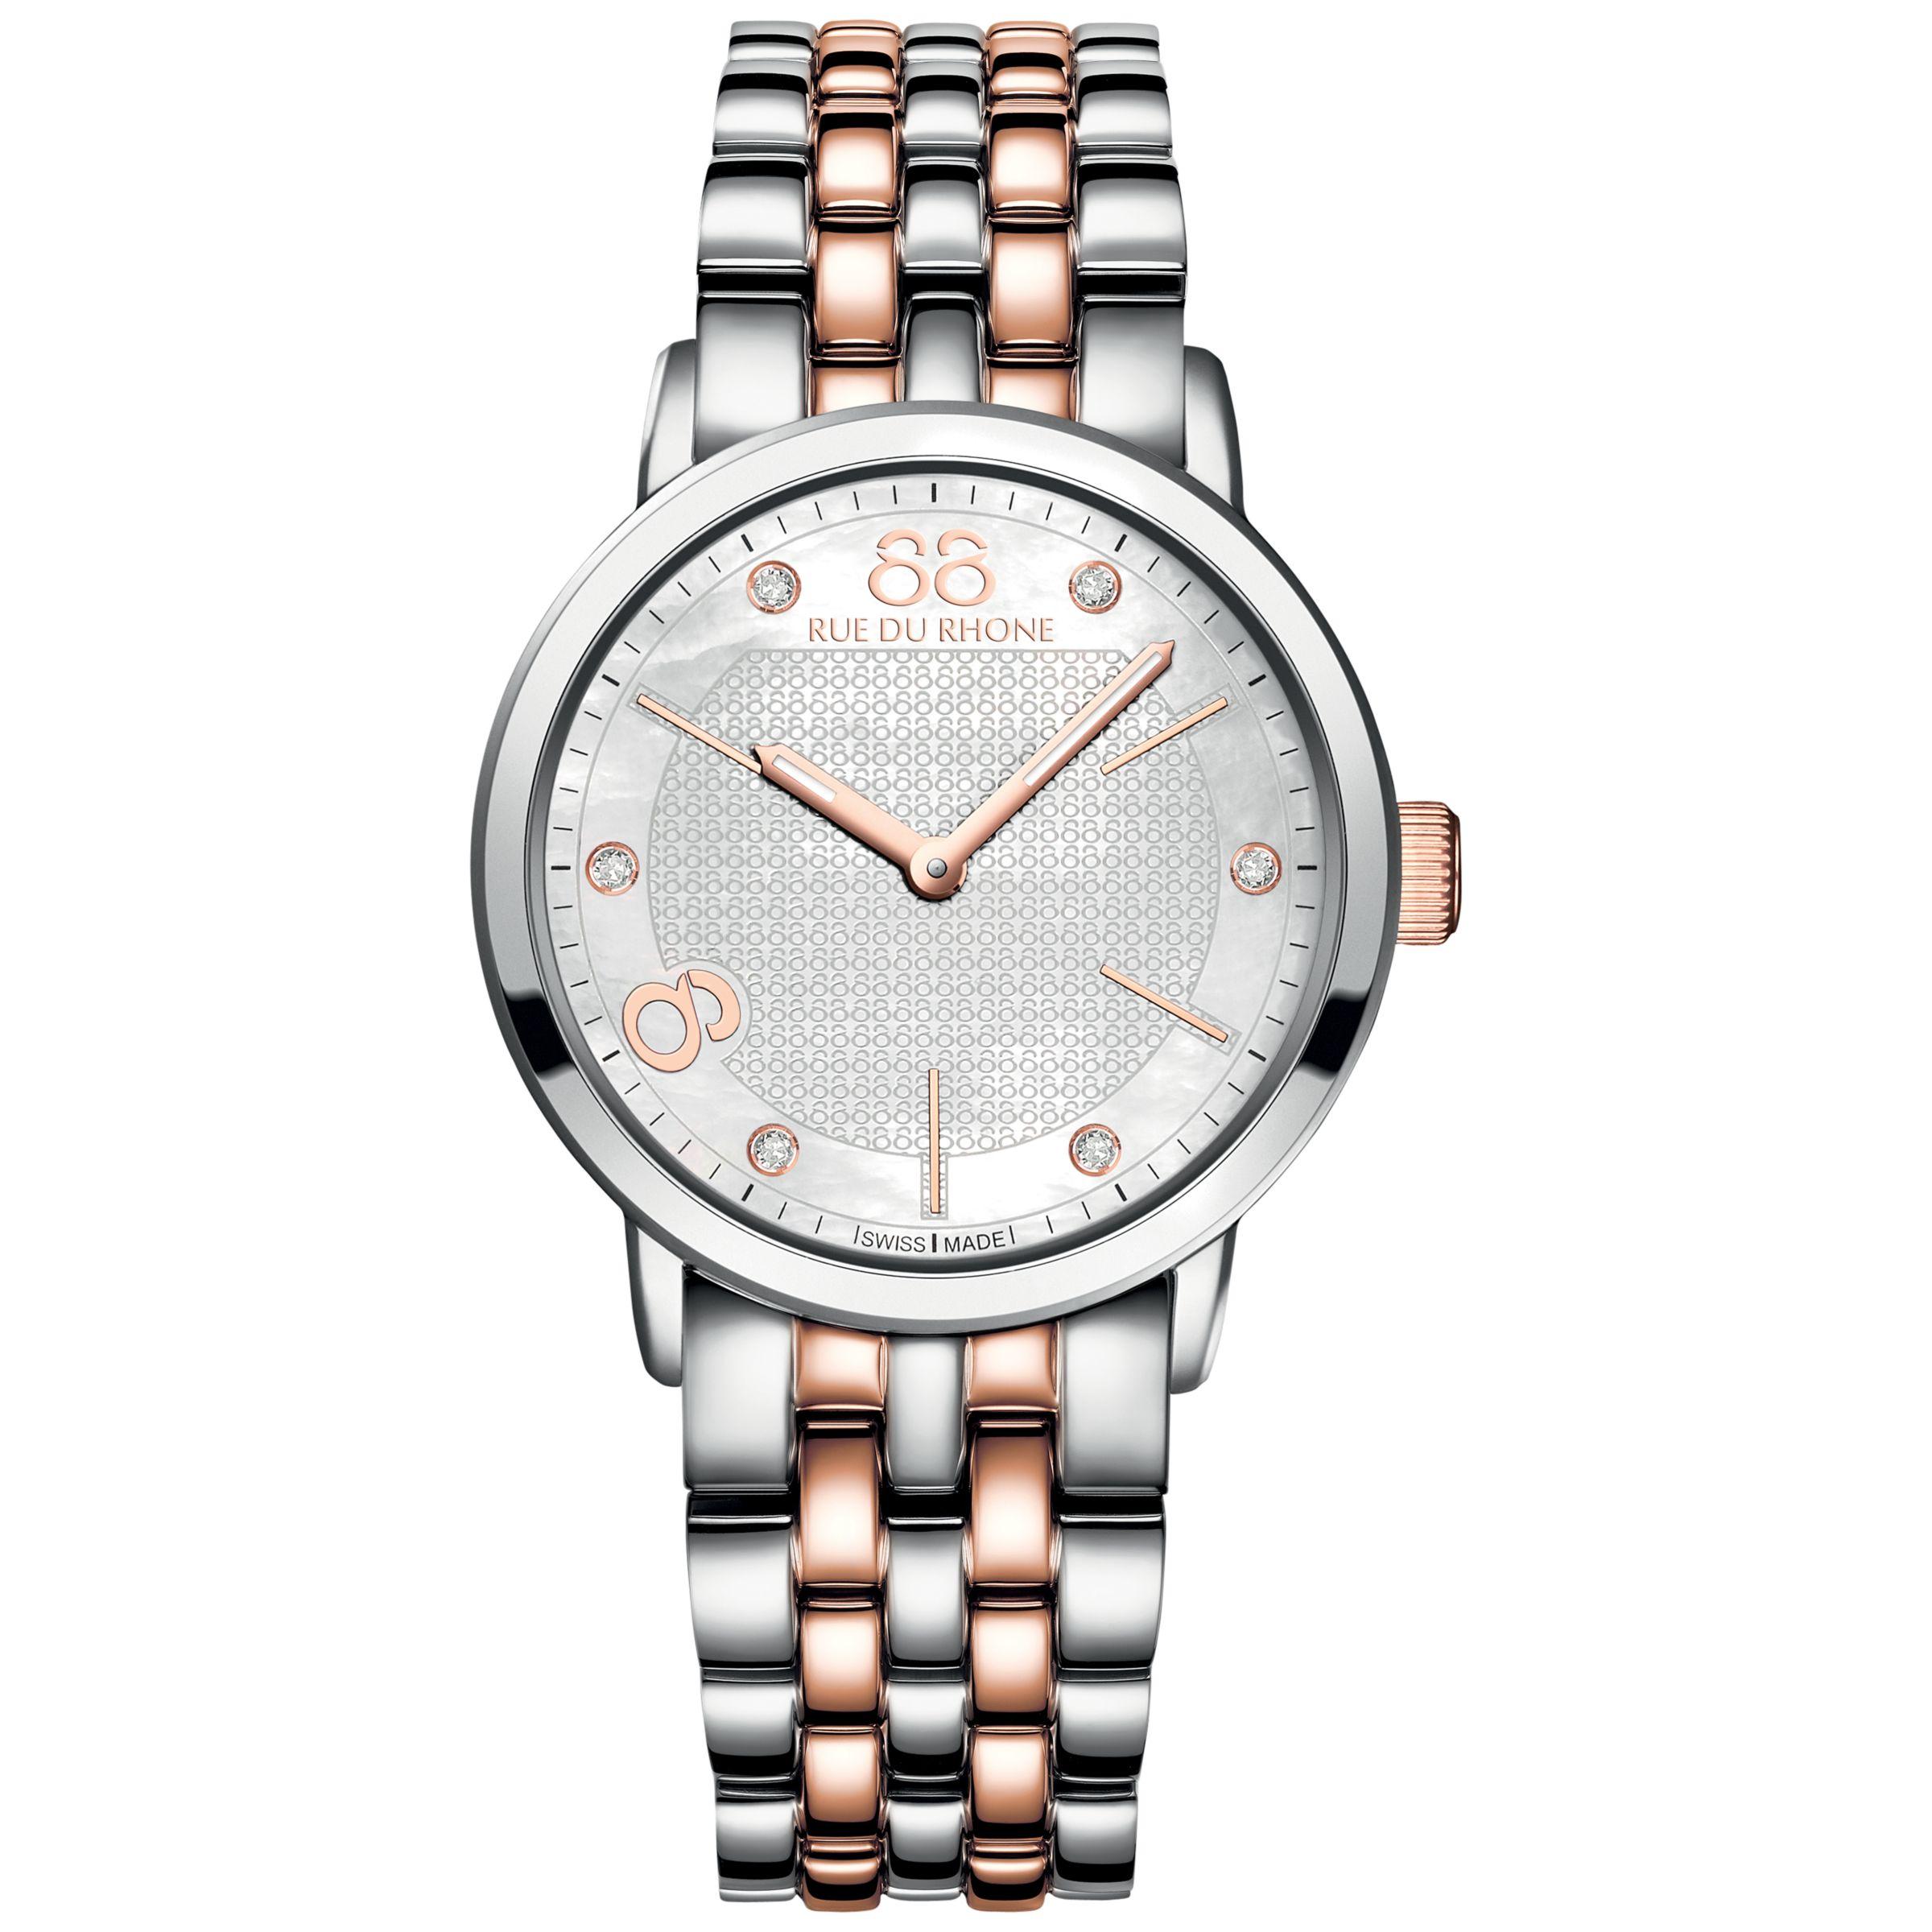 88 Rue Du Rhone 88 Rue Du Rhone 87WA140005 Women's Mother Of Pearl Stainless Steel Bracelet Strap Watch, Silver/Rose Gold